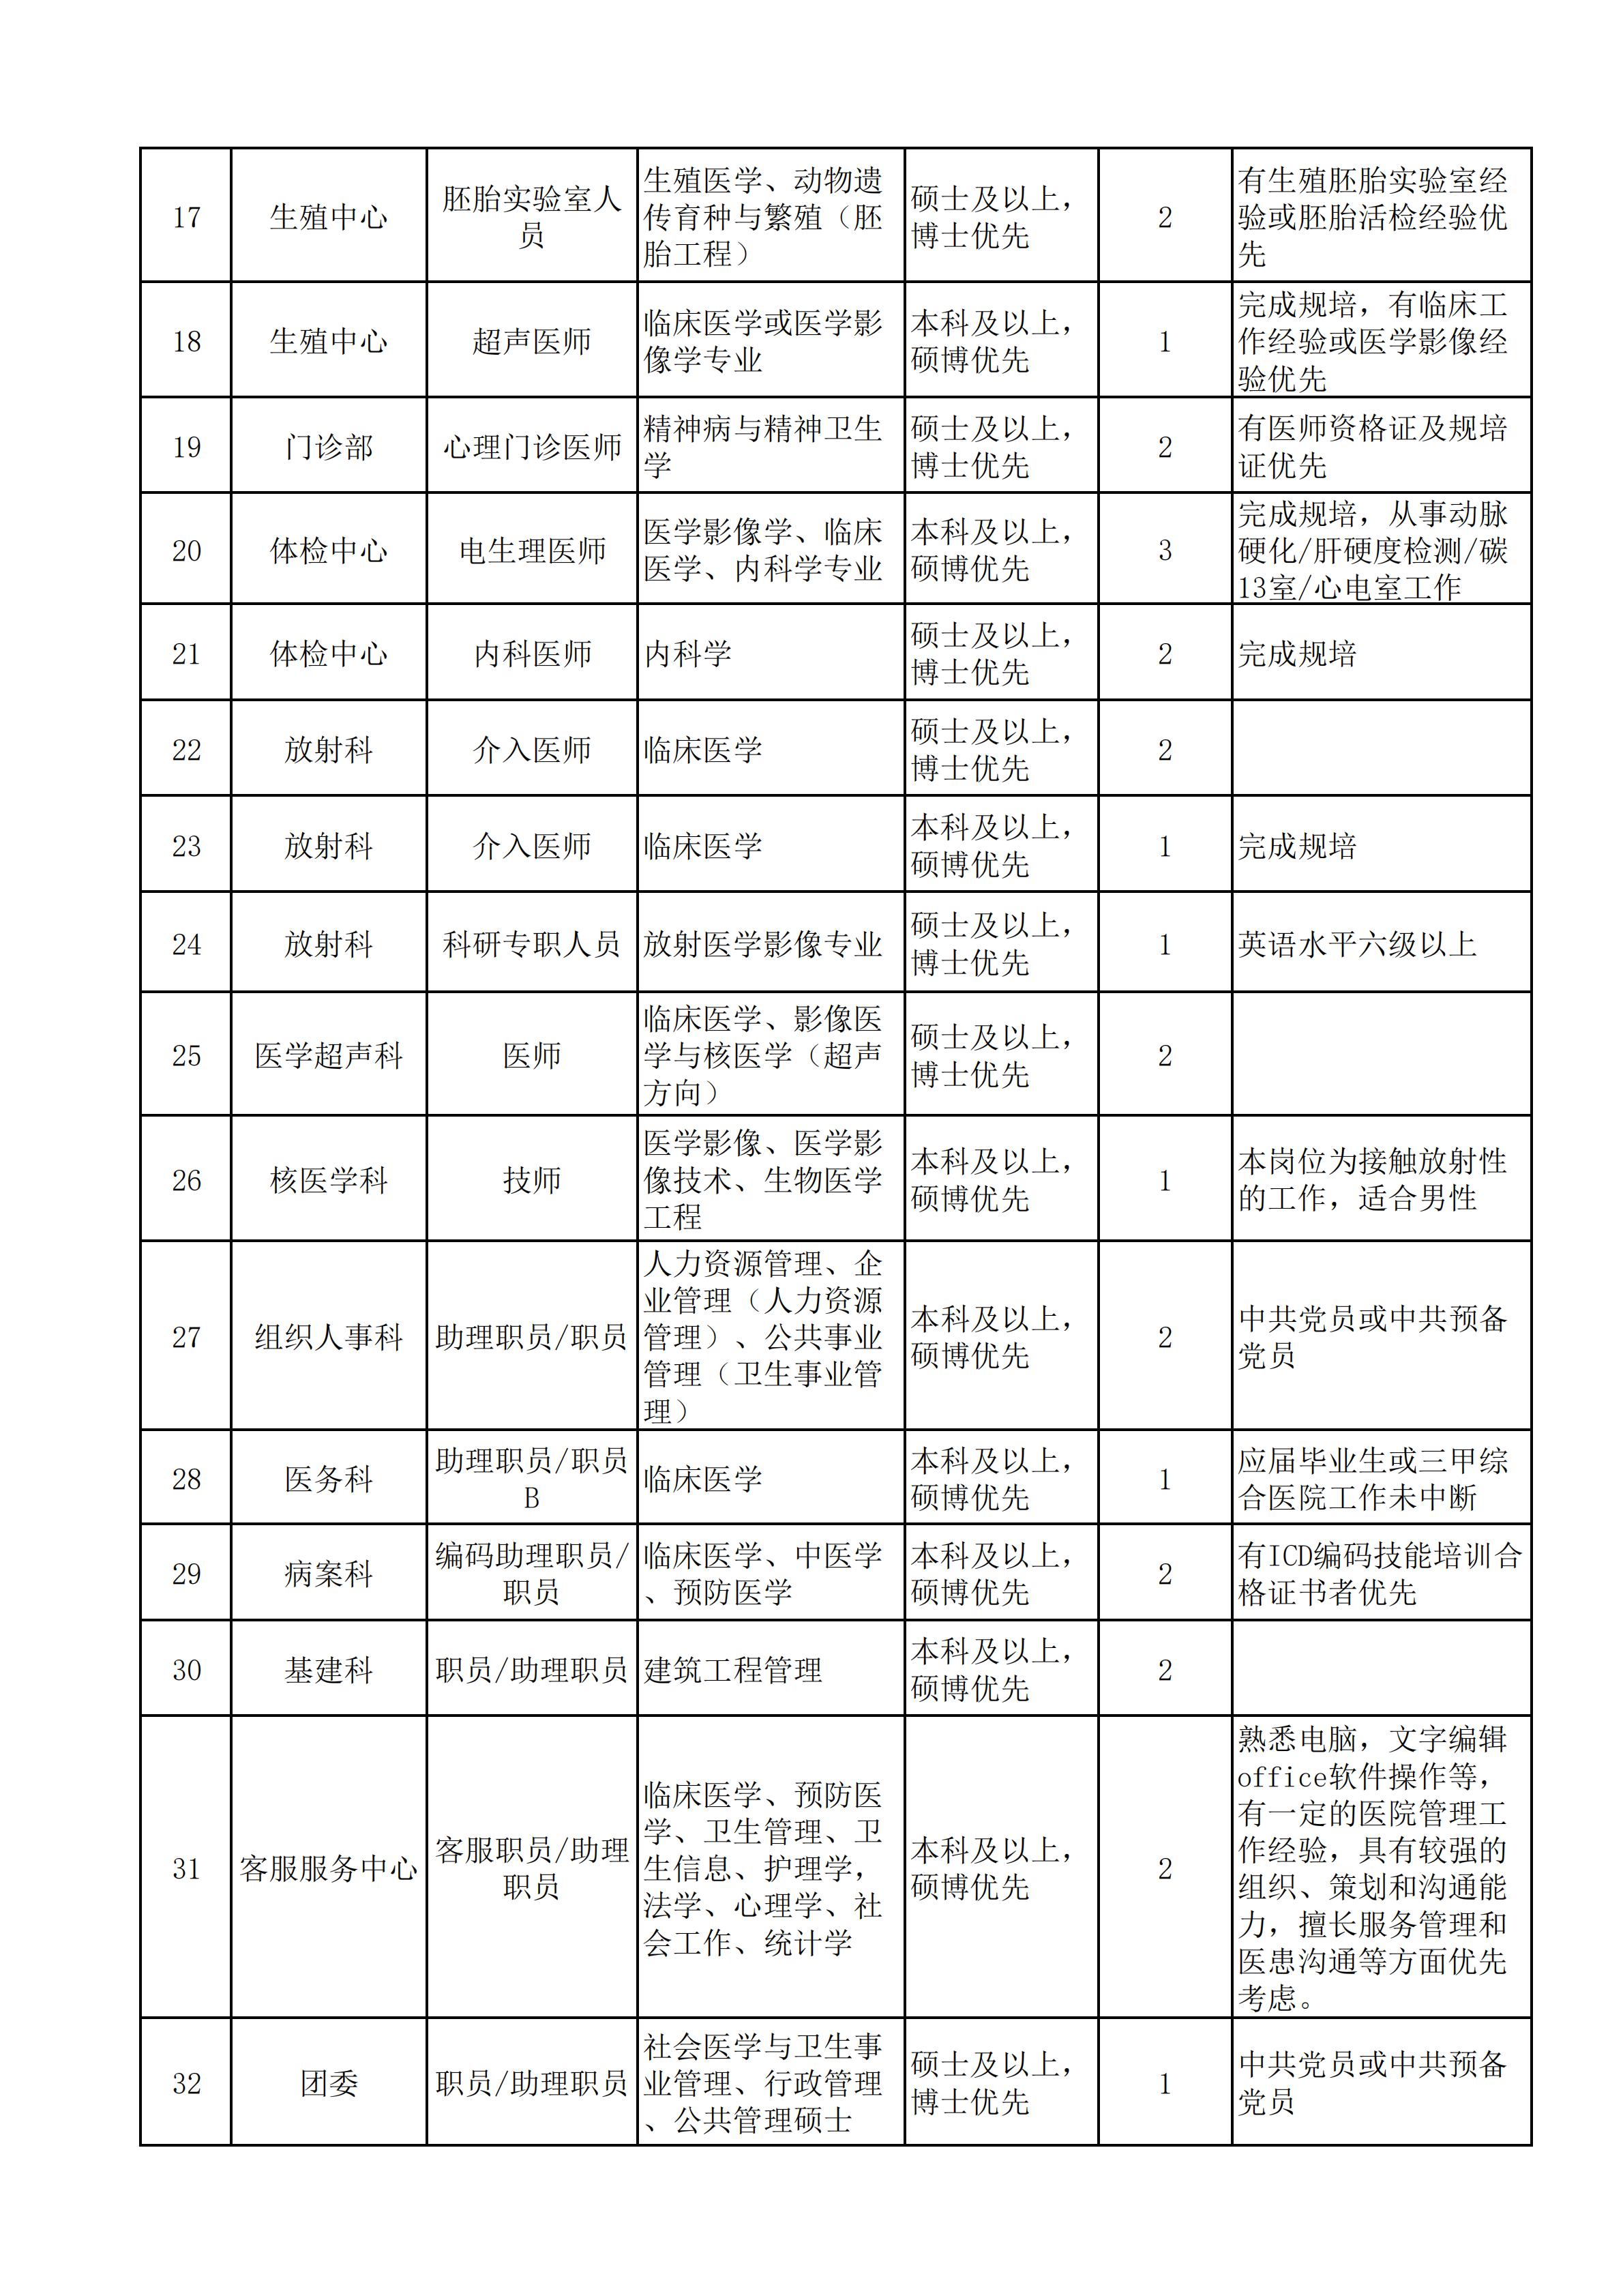 2020年江门市中心医院第二批人才招聘公告图2